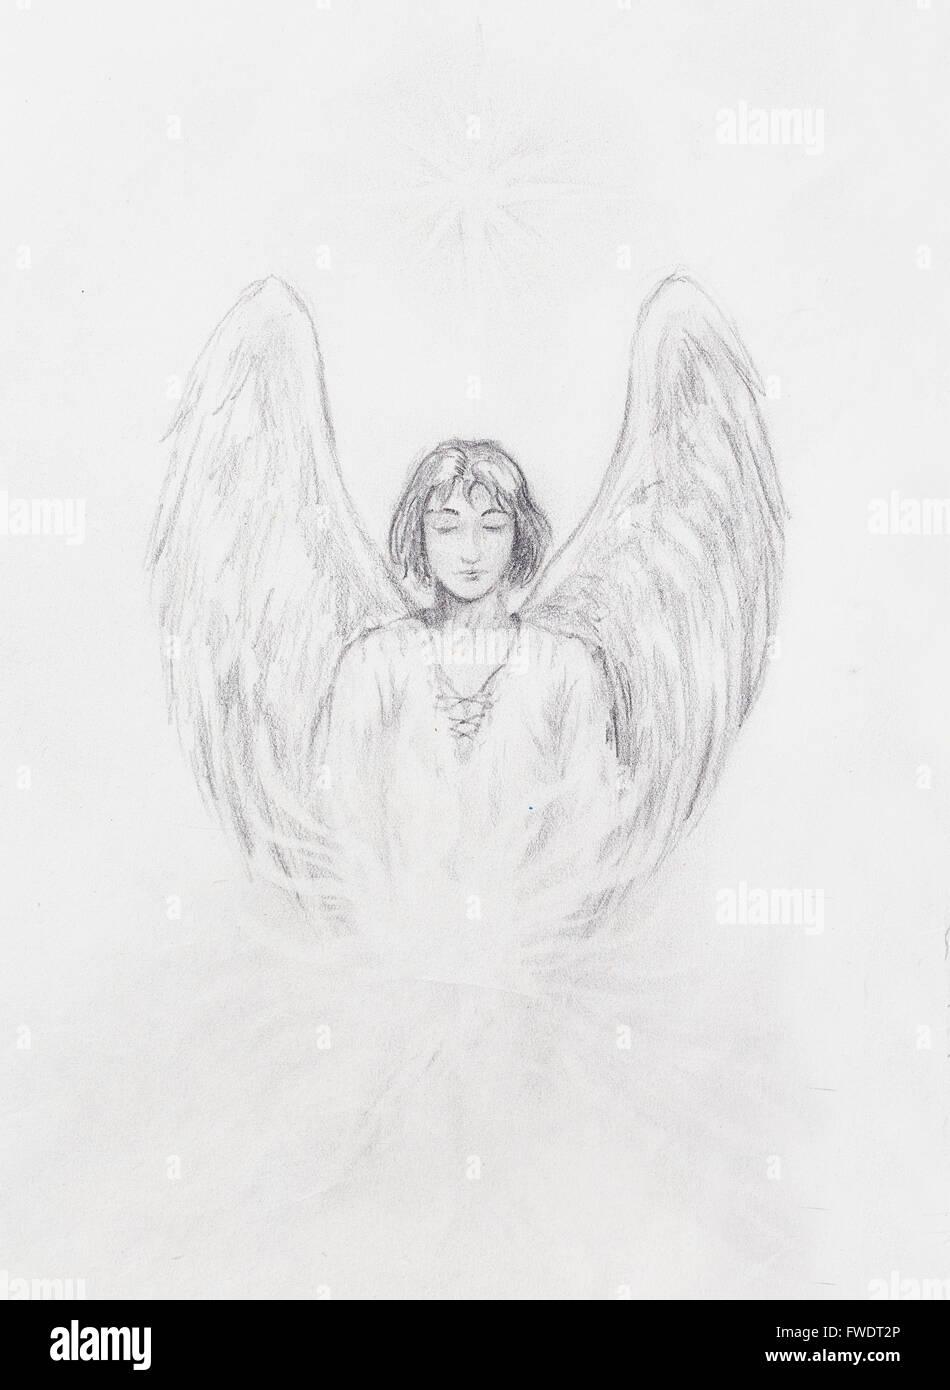 Disegno Di Angelo Con Bellissime Ali Su Un Foglio Di Carta Foto